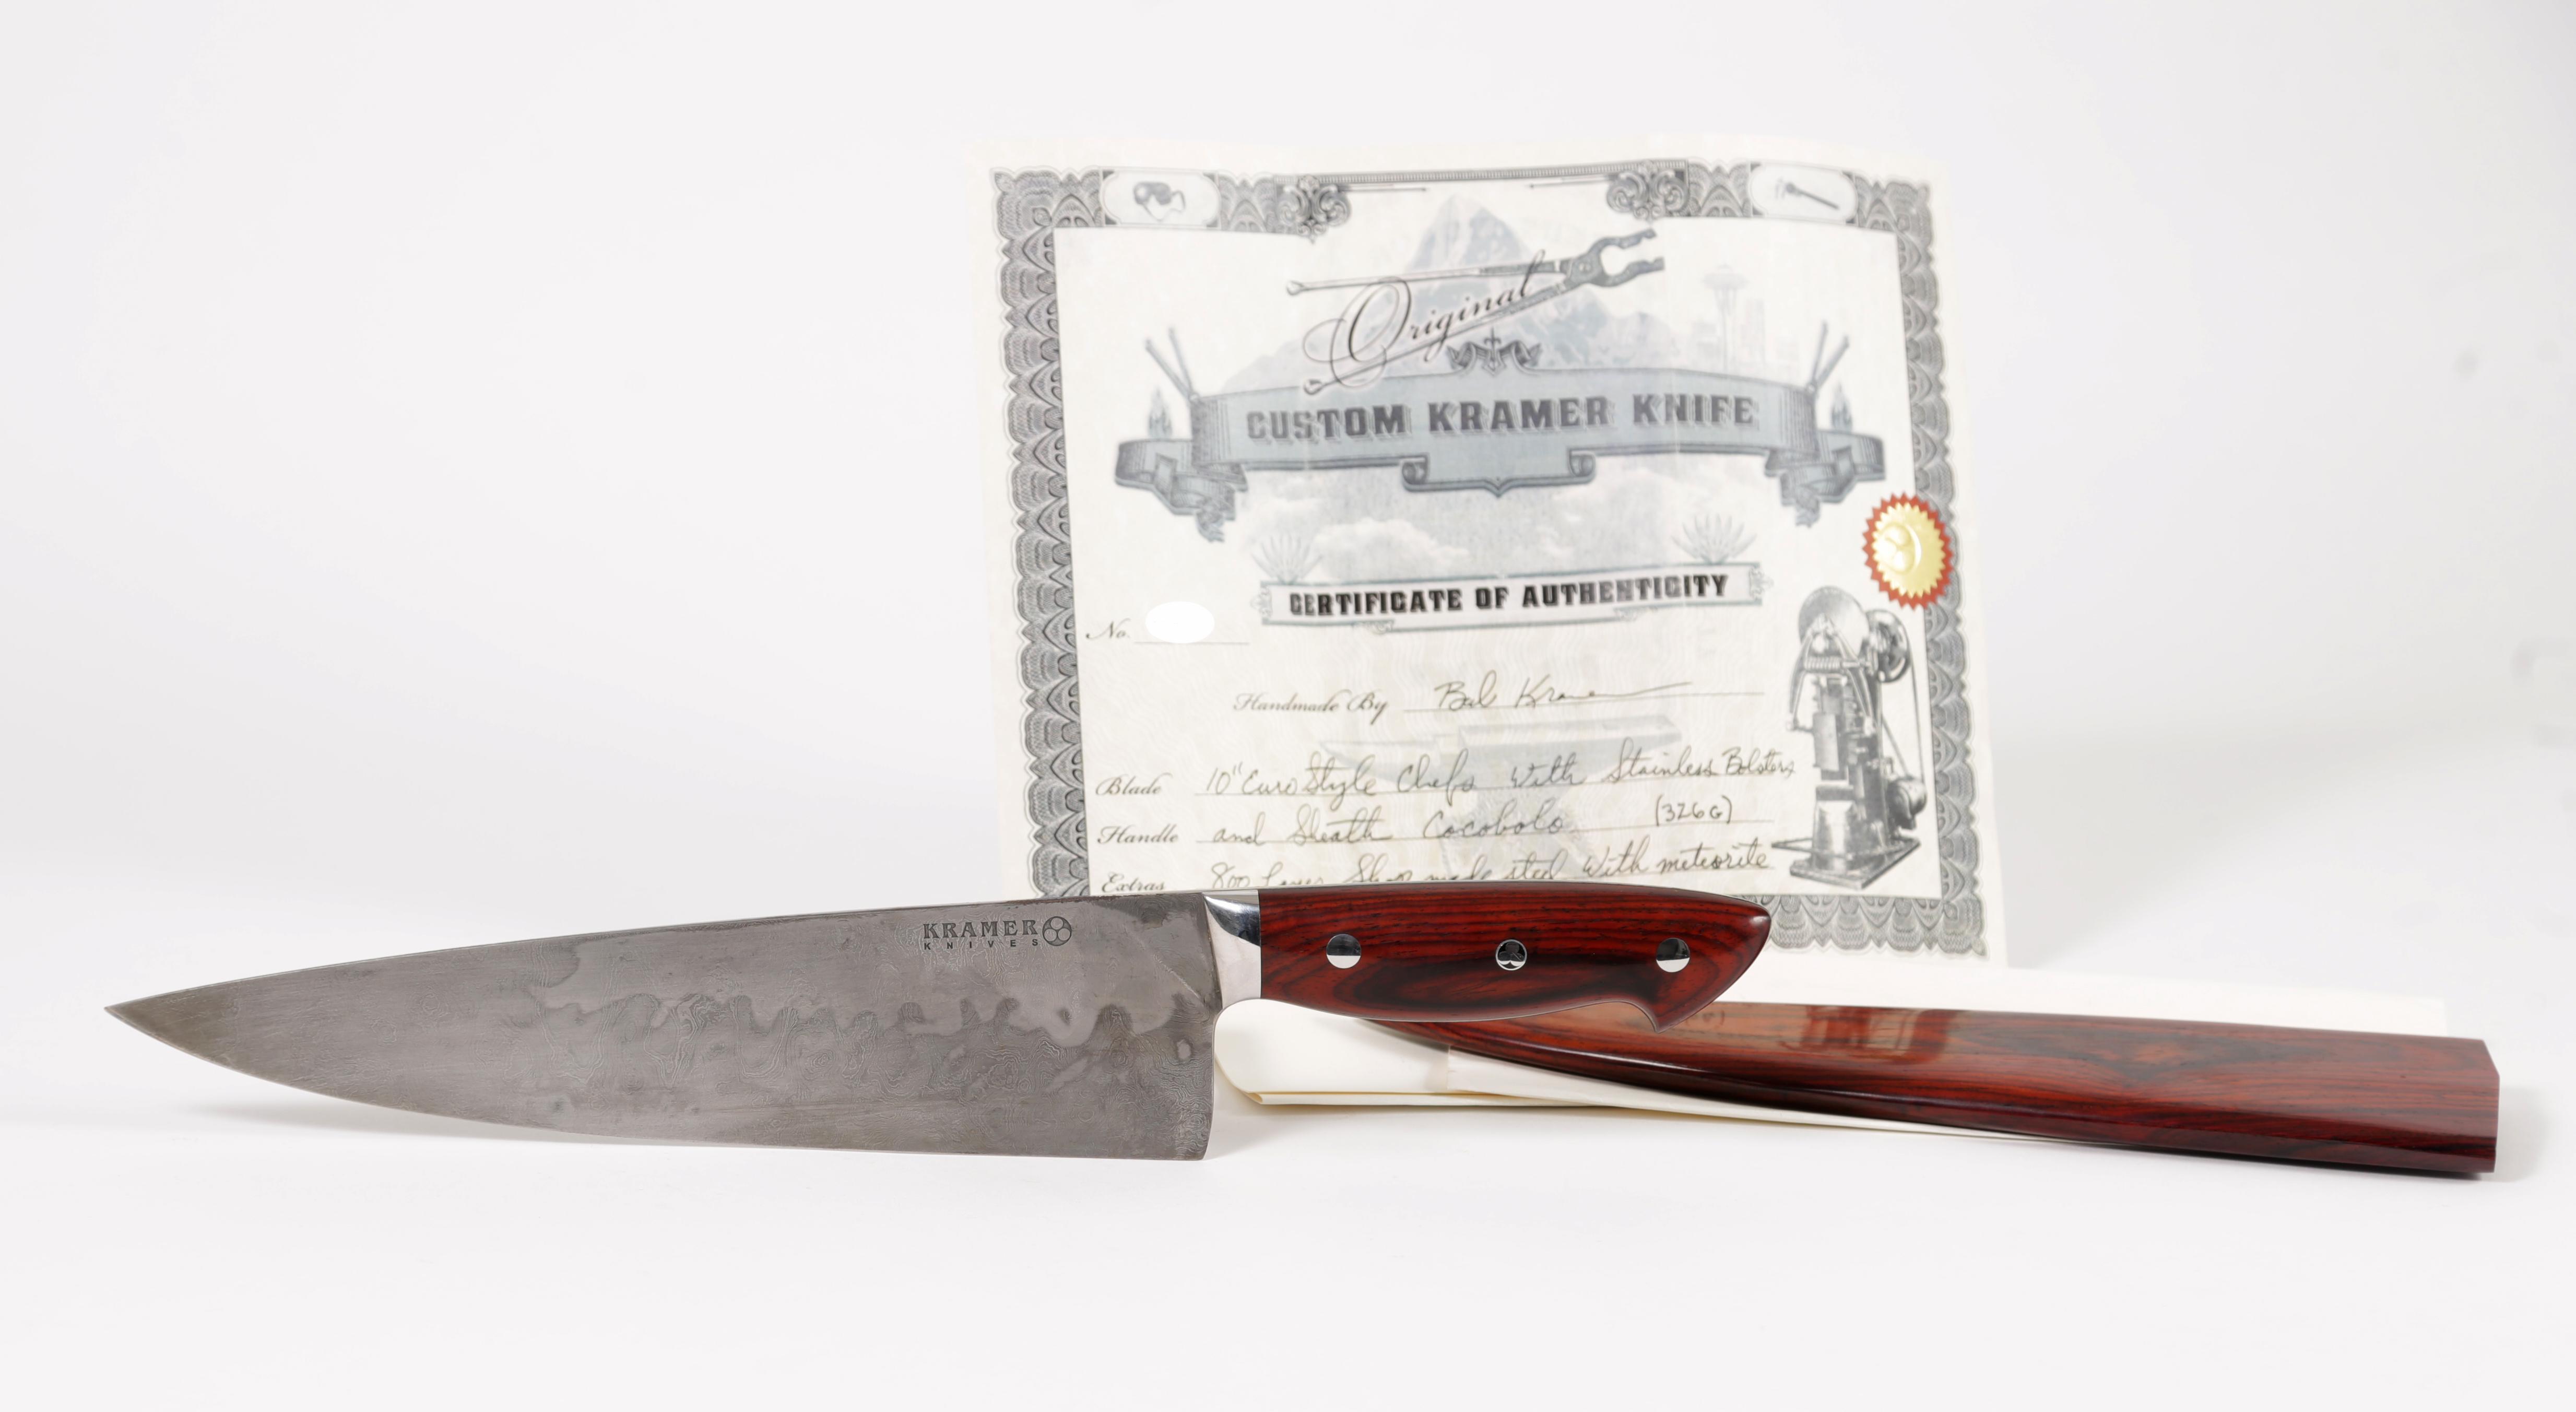 Il coltello Bob Kramer fatto su misura per Bourdain, andrà all'asta con una stima tra i 4 e i 6mila dollari.